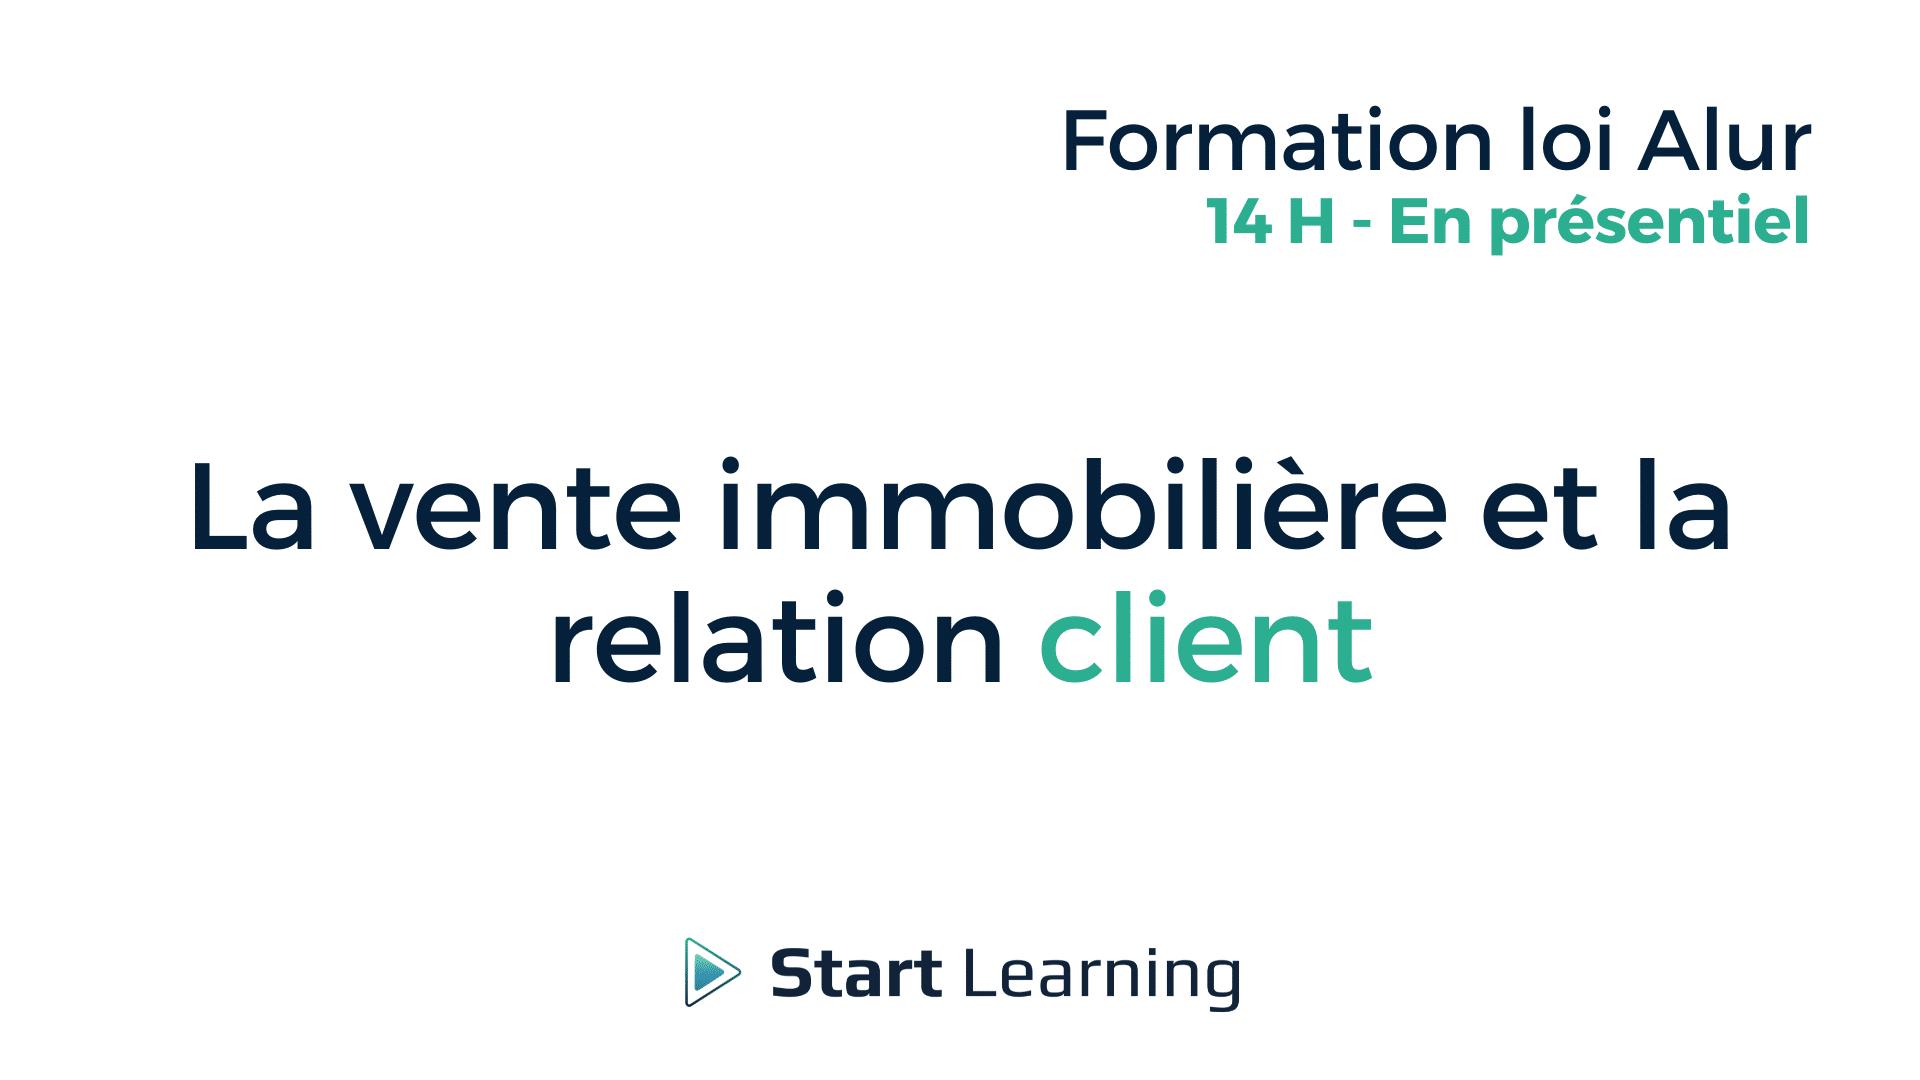 Formation loi Alu - La vente immobilière et la relation client